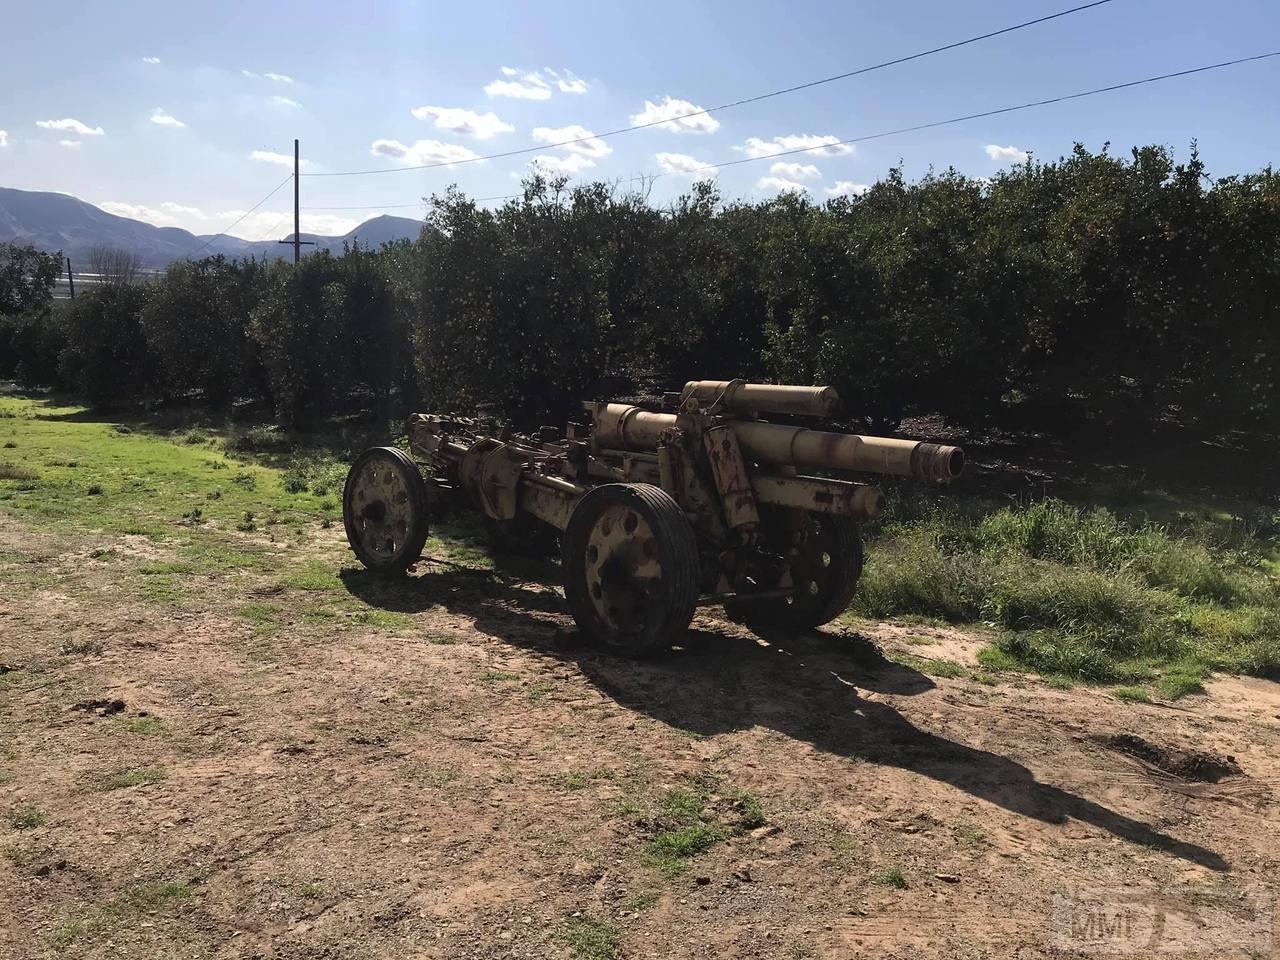 87806 - Немецкая артиллерия второй мировой